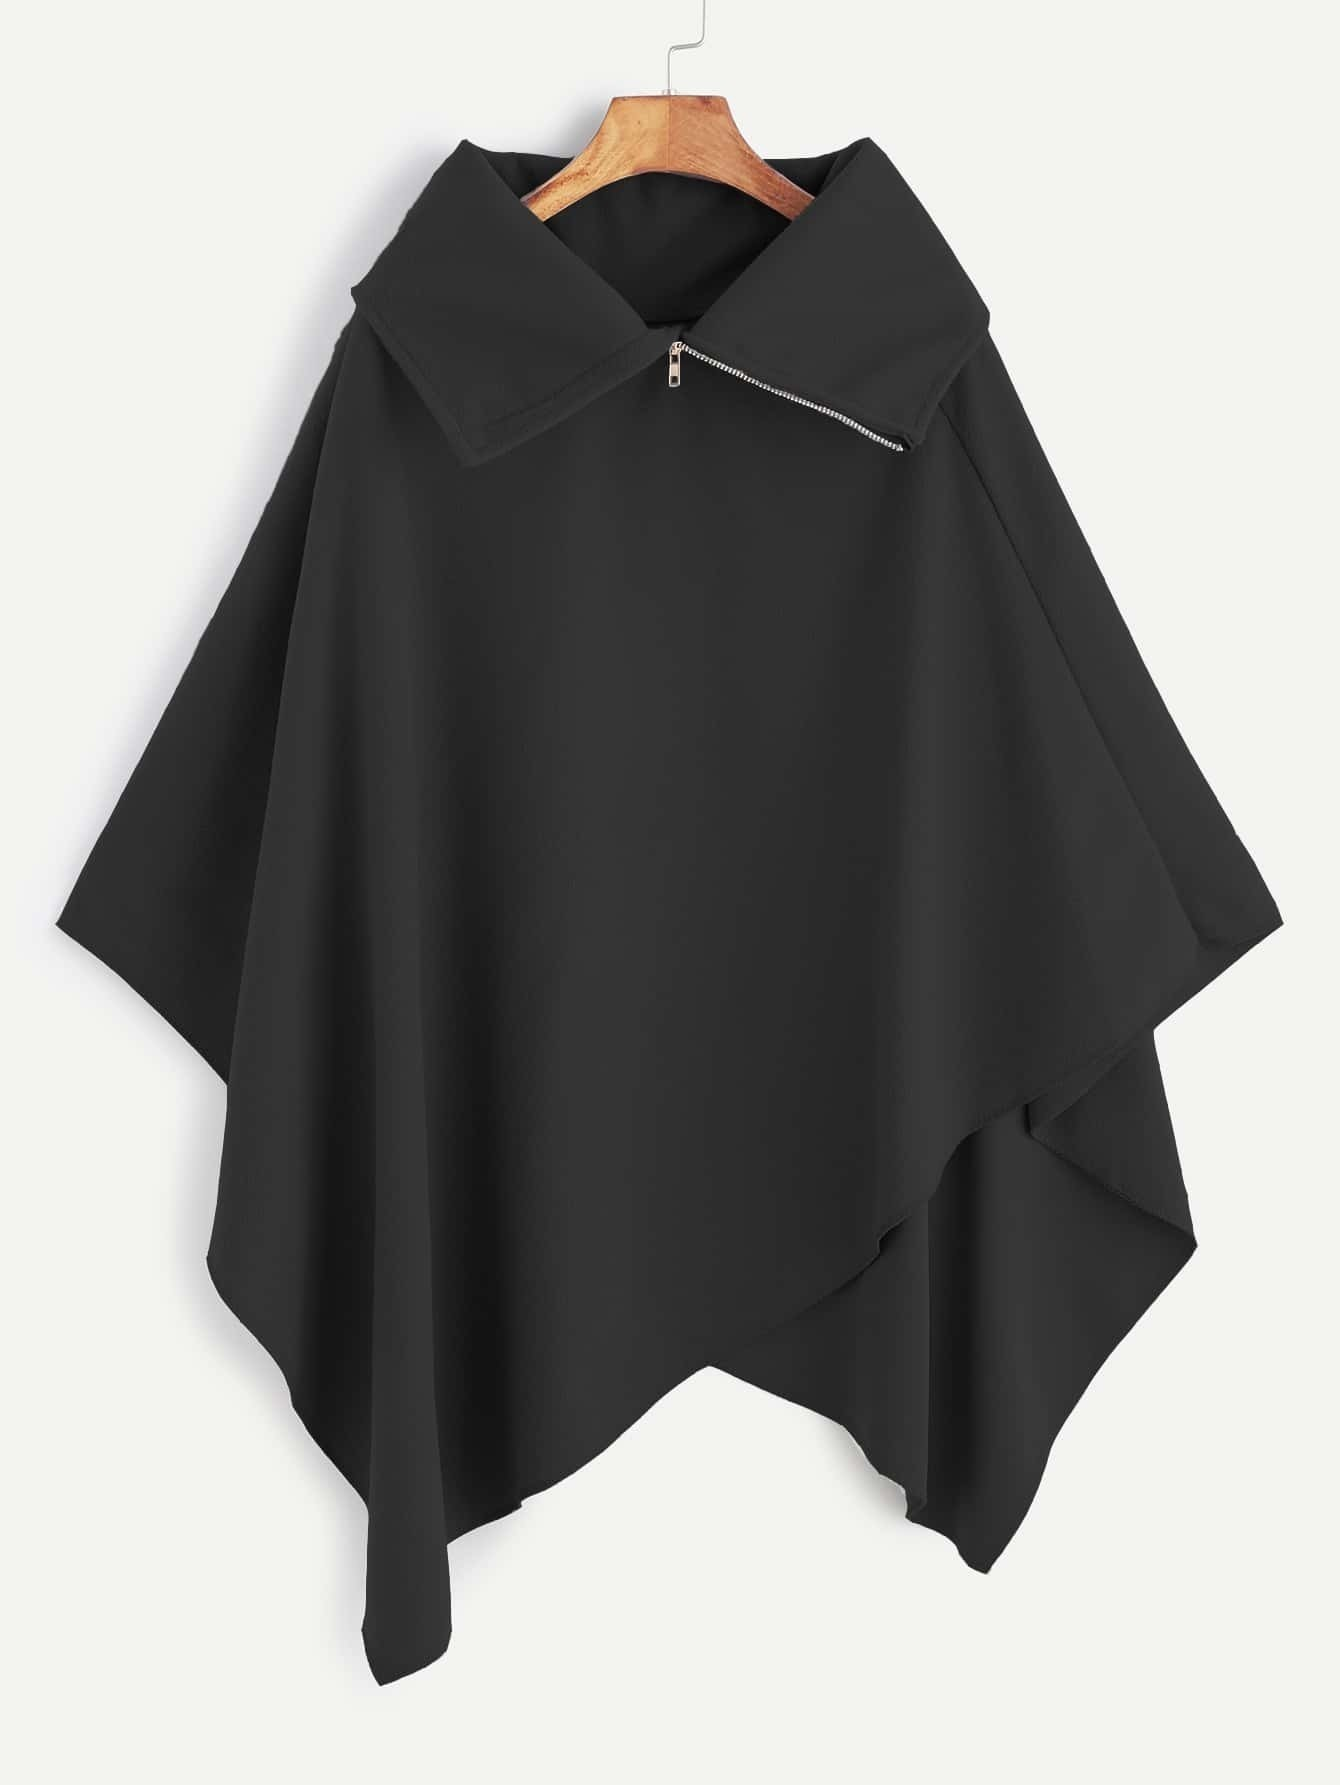 Пальто пончо: выбираем фасон и учимся шить своими руками 68